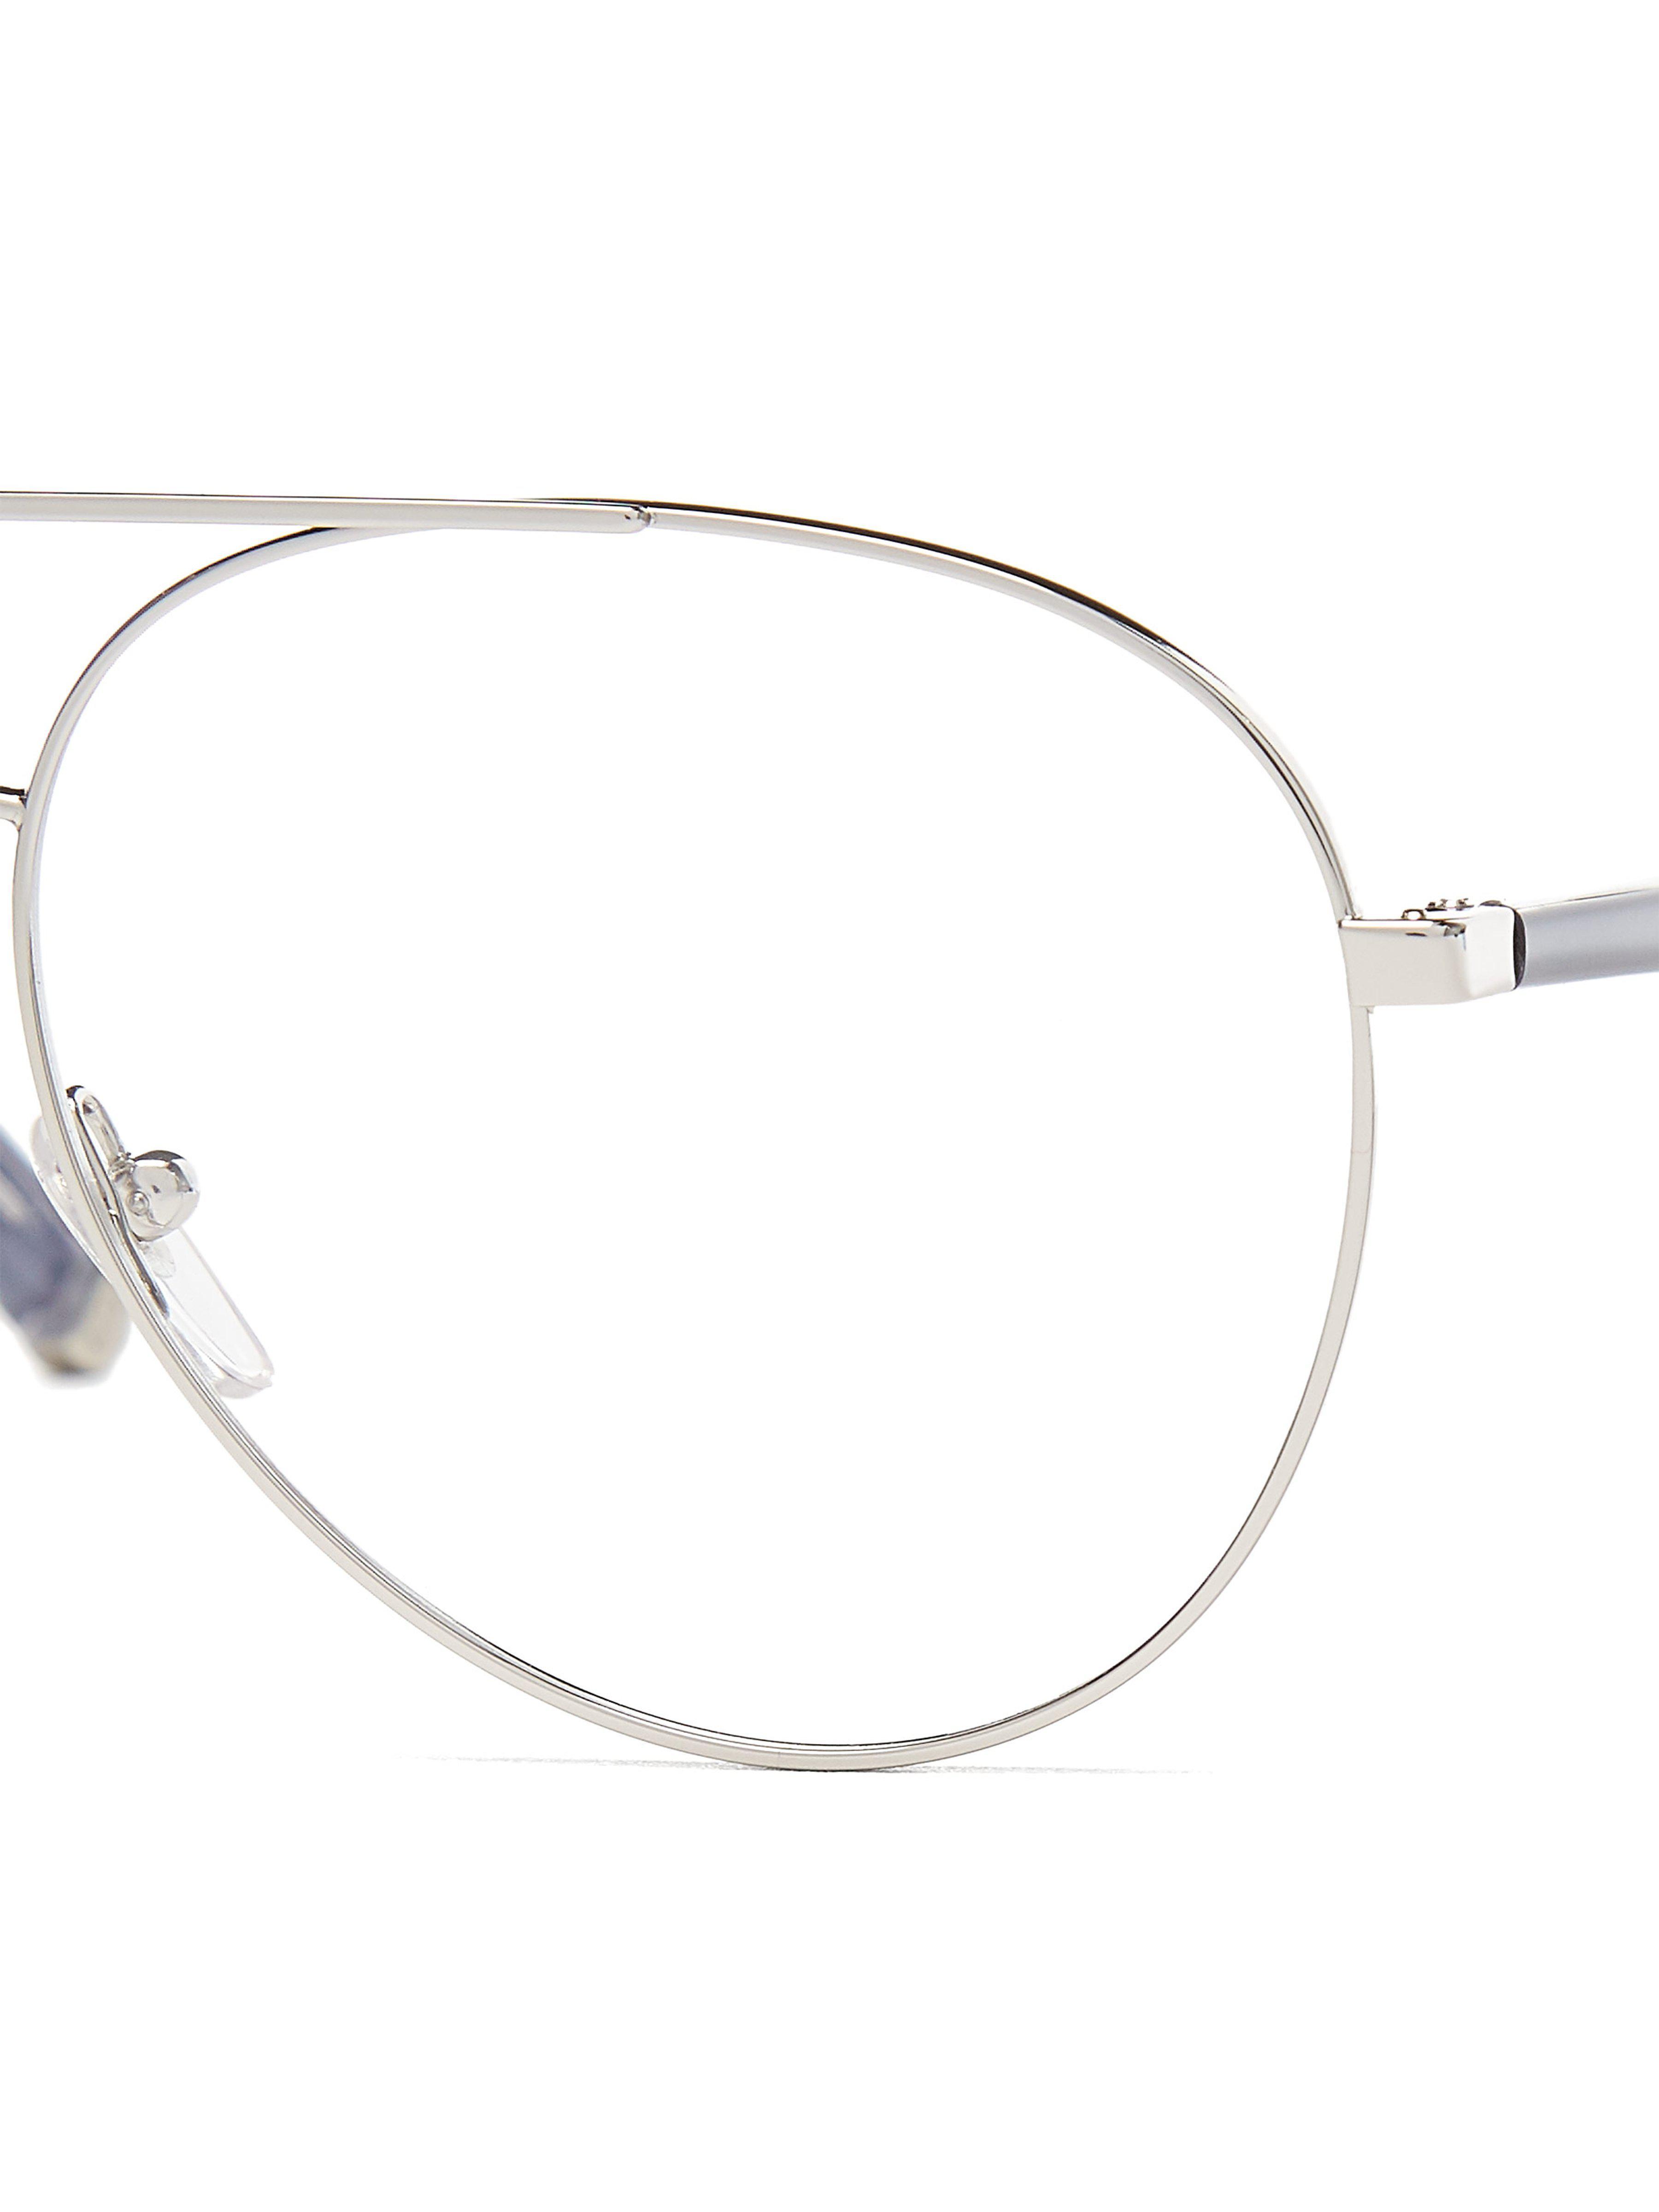 06b8ba8a51359 Retrosuperfuture Numero 34 Argento Clear Aviator Glasses in Metallic ...